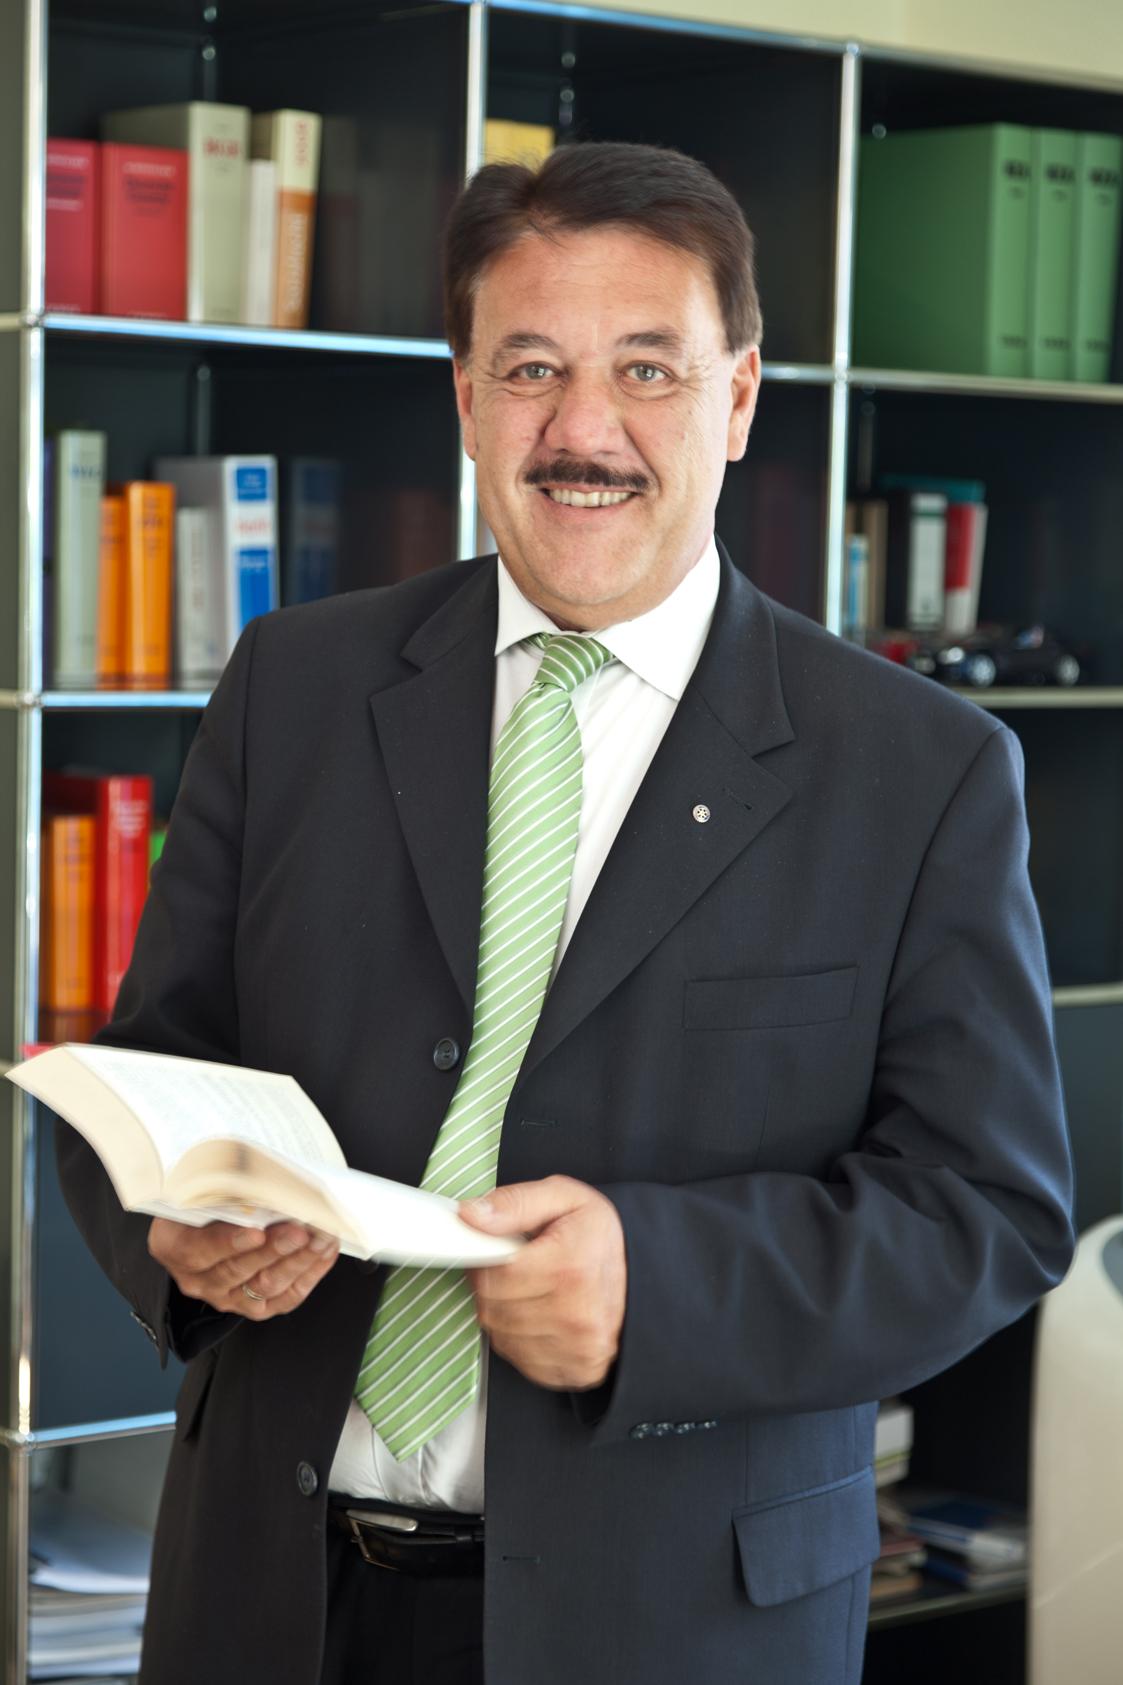 Rechtsanwälte Rechtsanwälte Dr Birk Kollegen